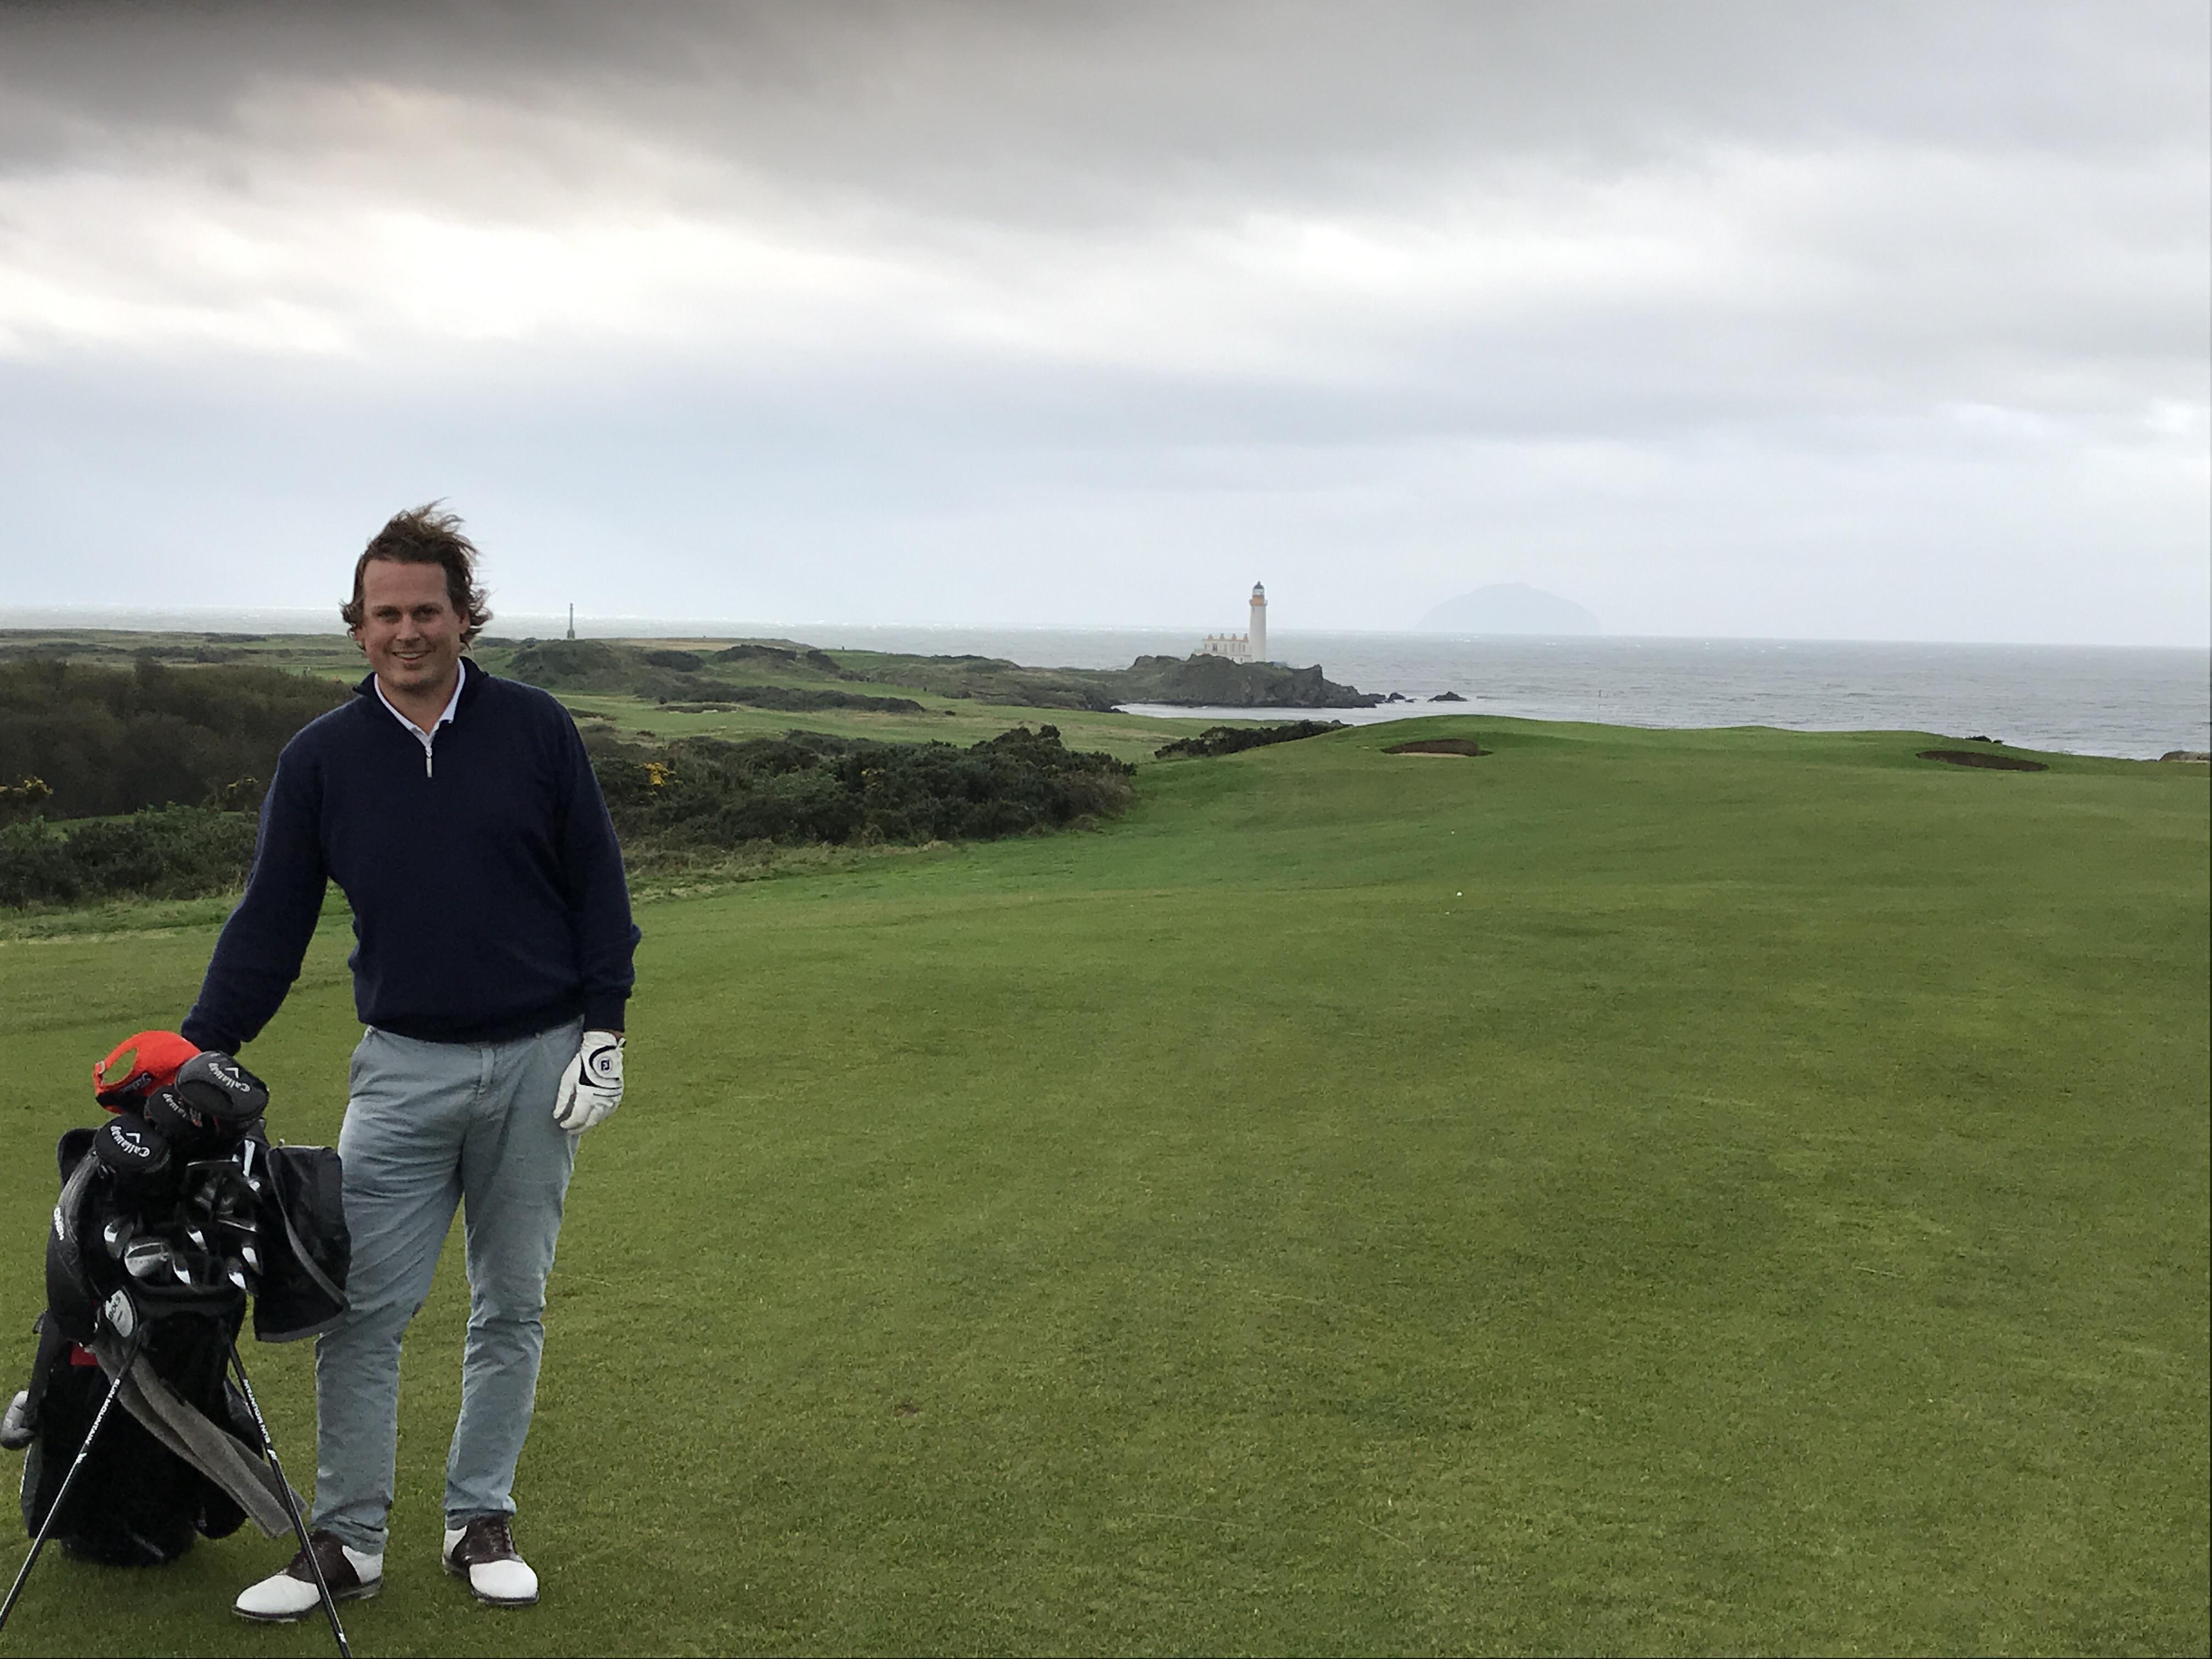 Avatar of Golfer named Robert Lamot